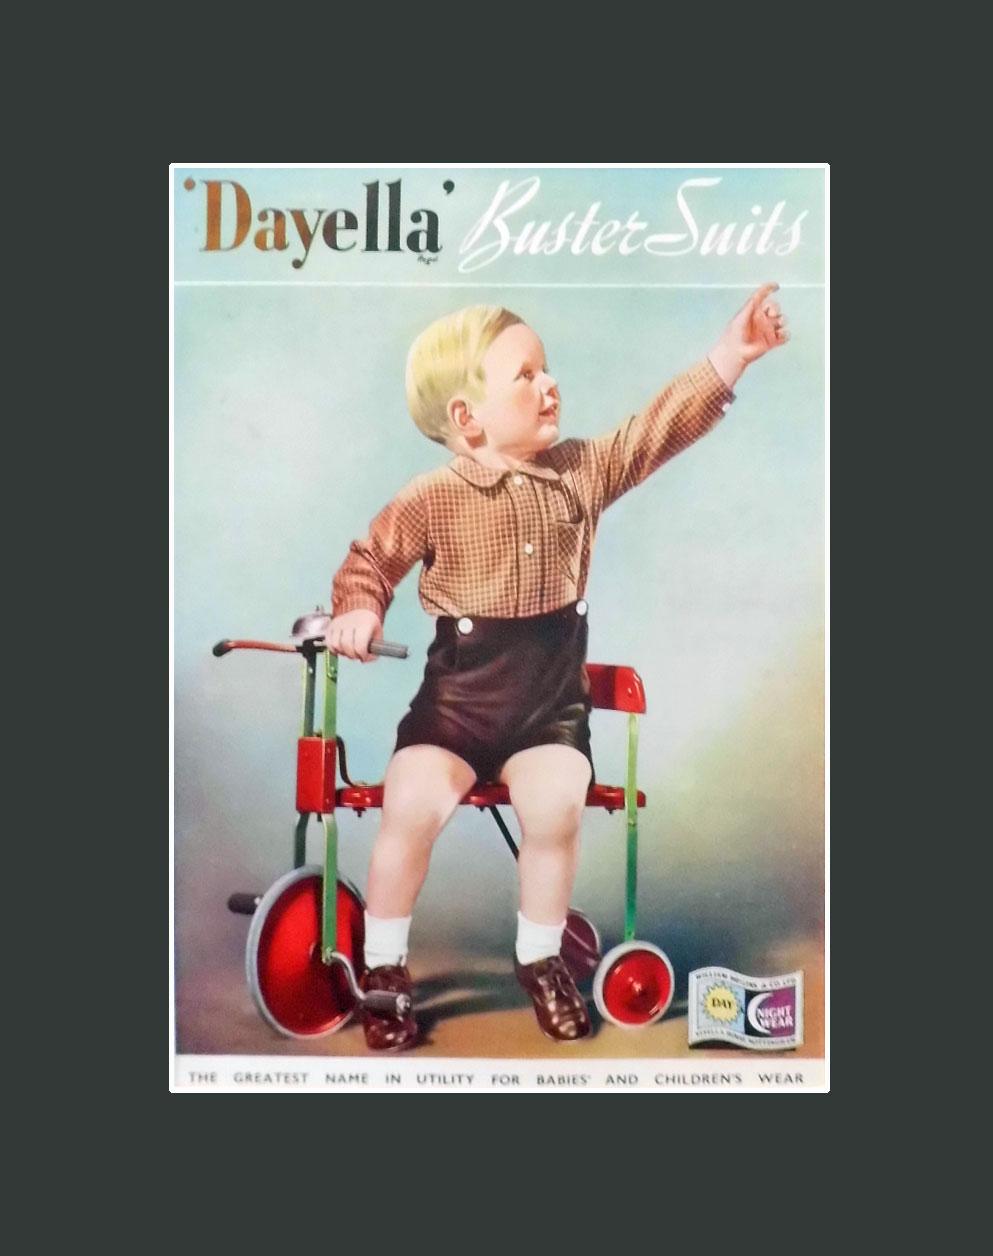 Dayella utility wear